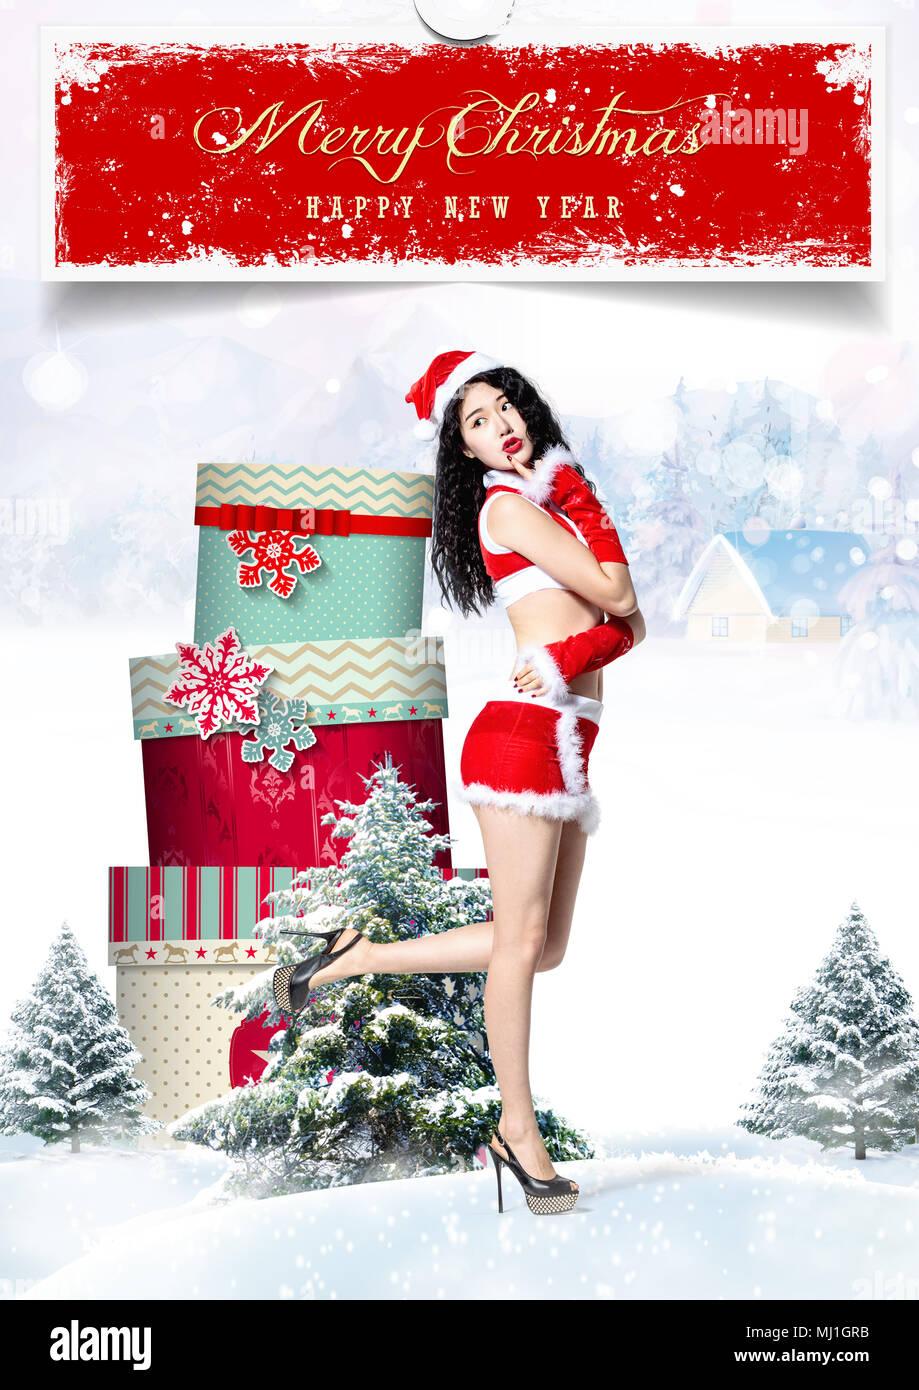 Frauen Geschenke Weihnachten.Junge Frauen Und Weihnachten Geschenke Stockfoto Bild